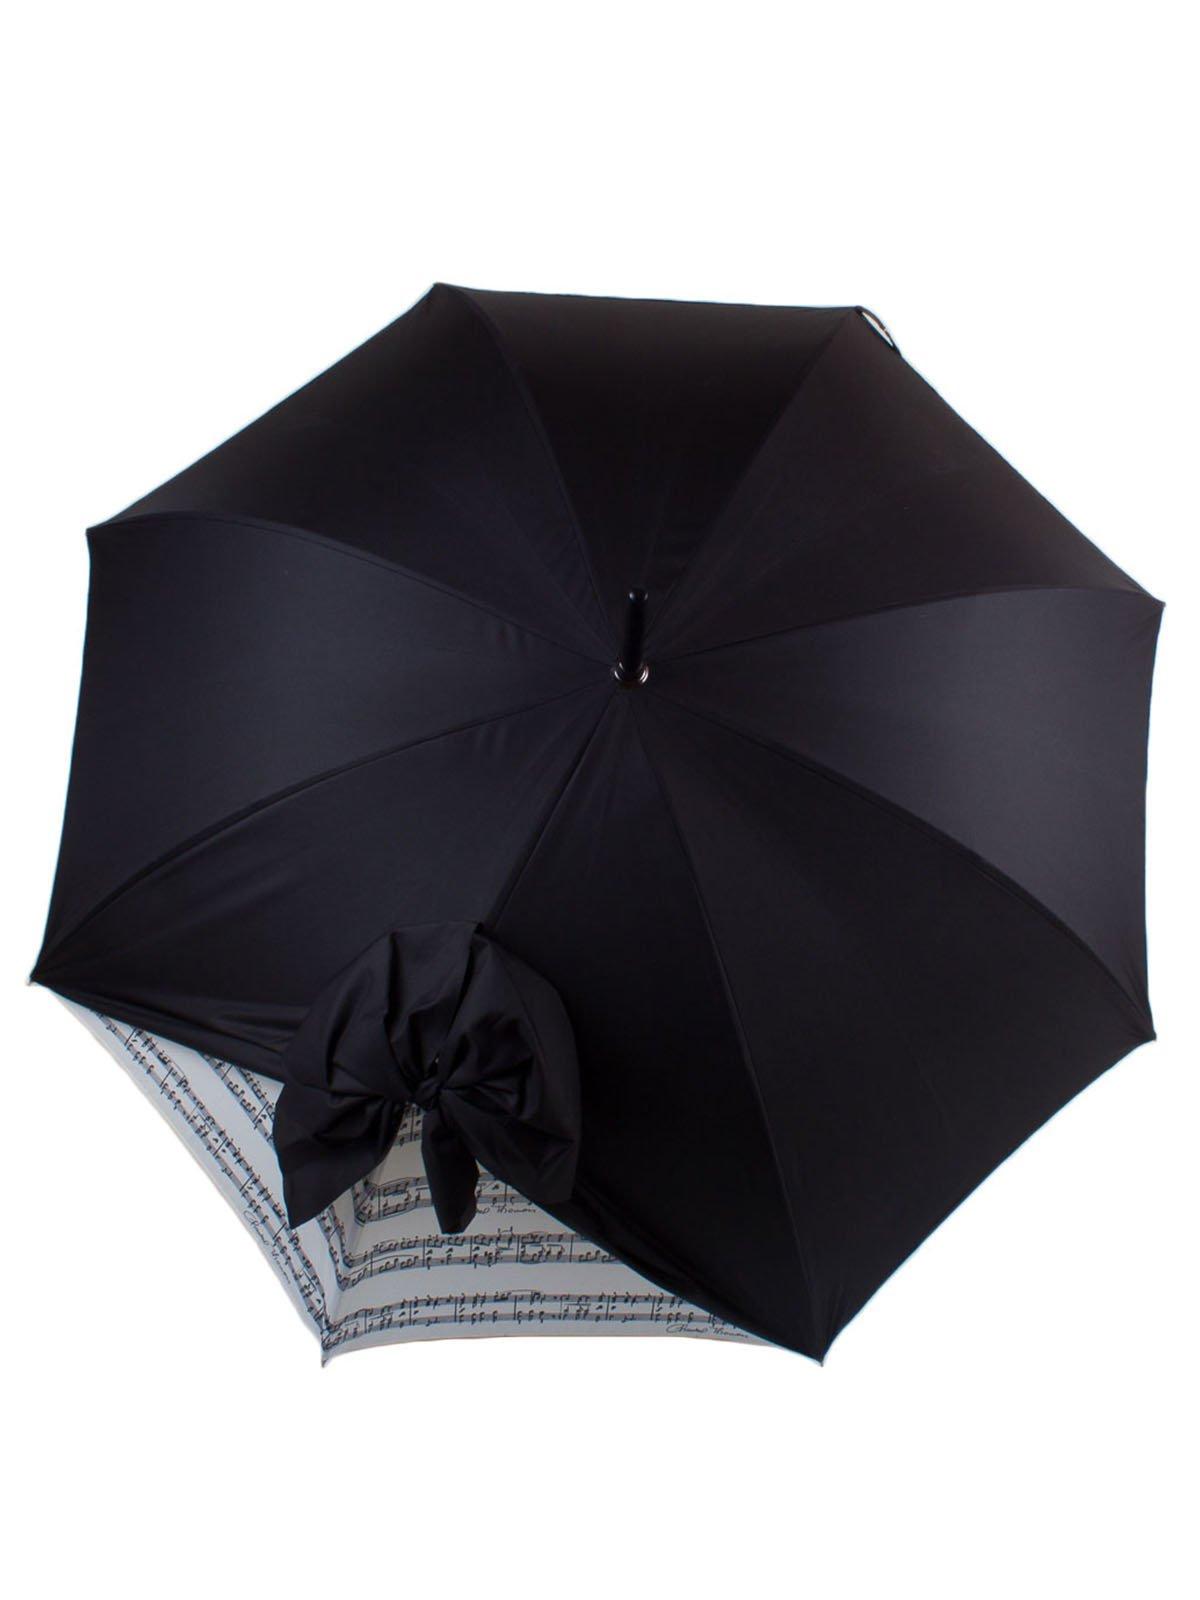 Зонт-трость механический | 3969179 | фото 2